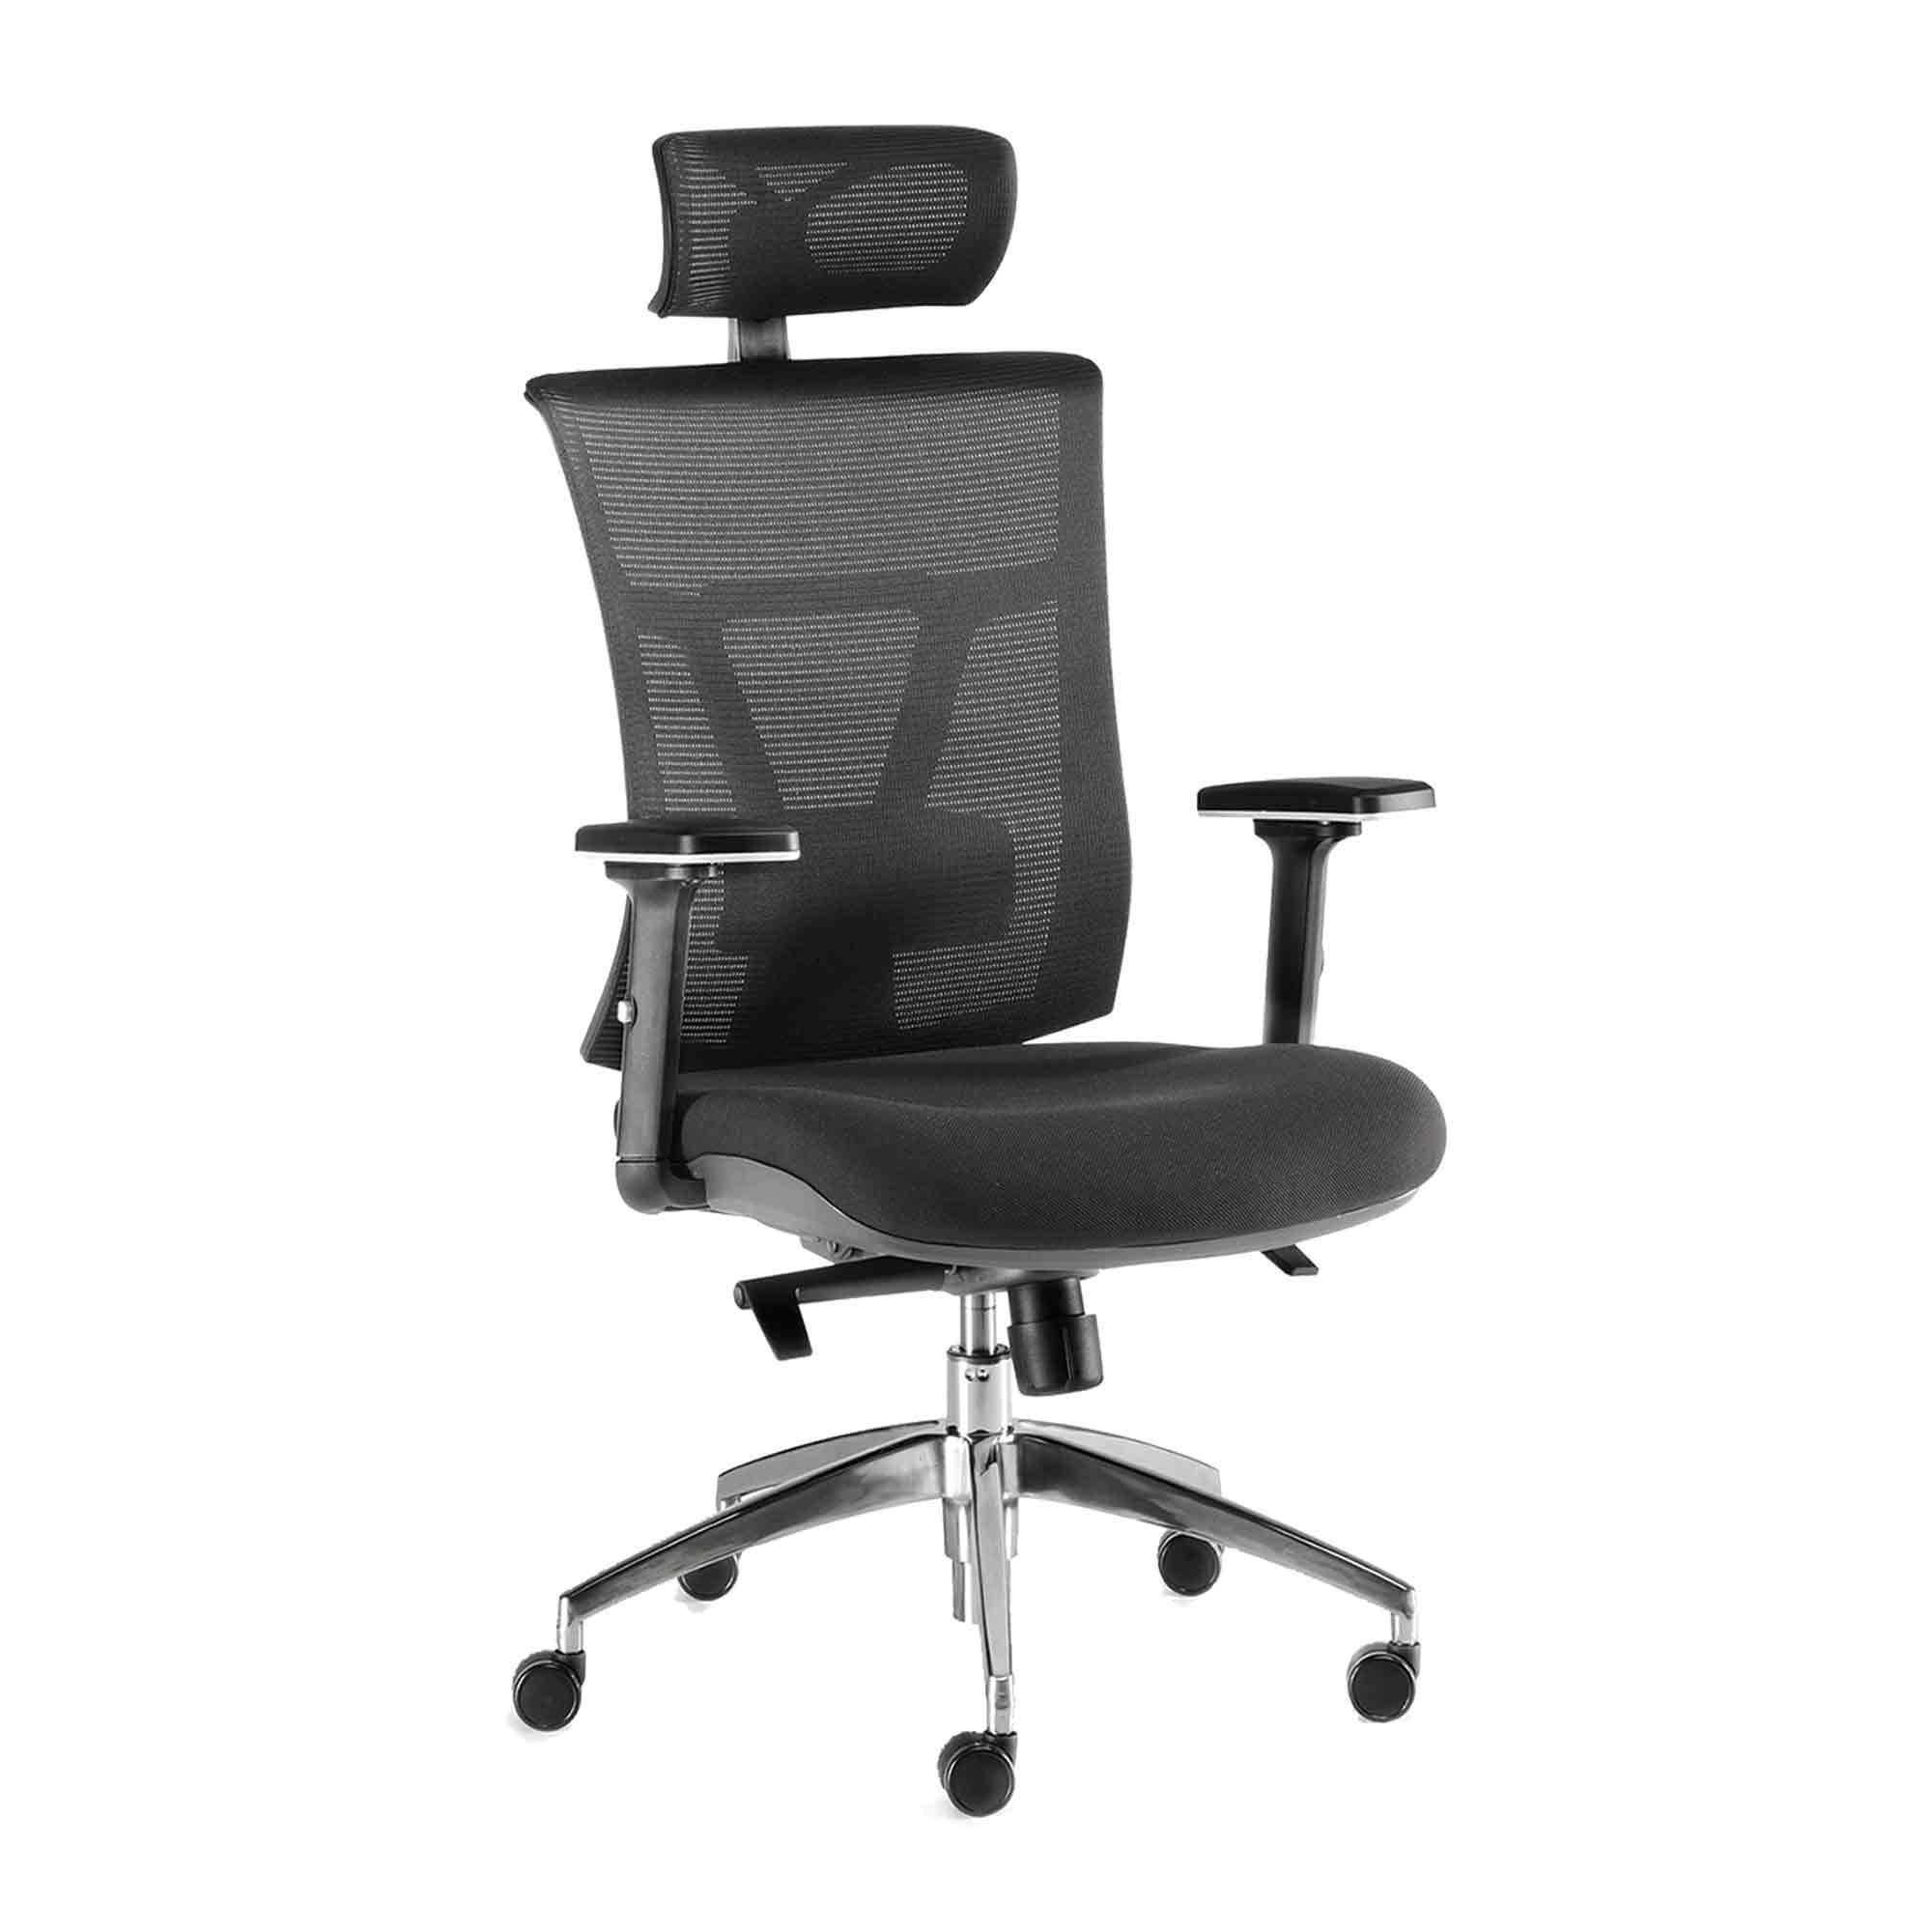 Sillas de oficina online | Sillas de escritorio | Sillas Gaming ...